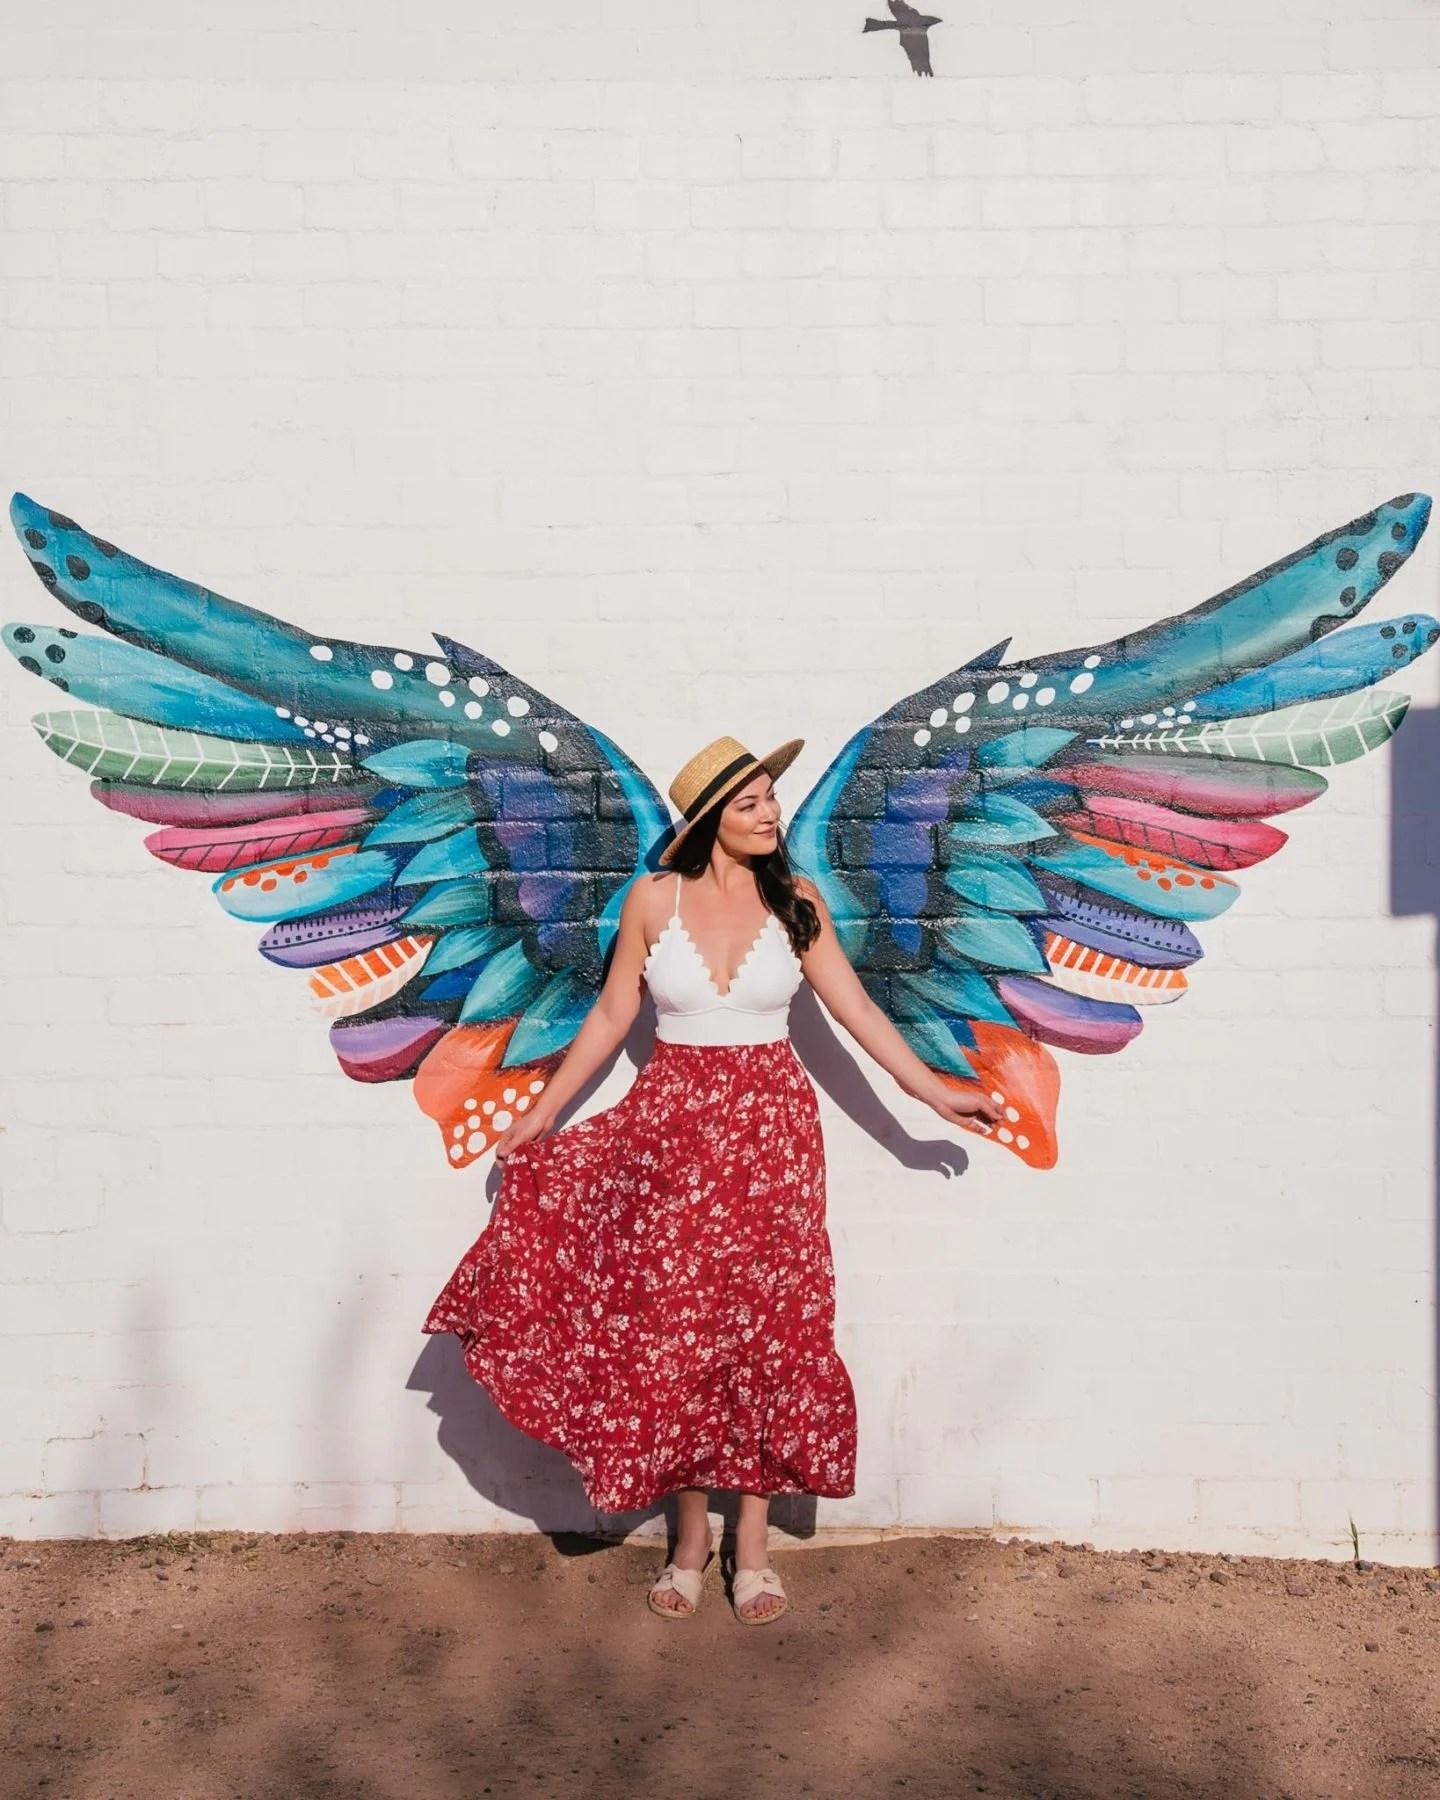 Wings mural in Phoenix